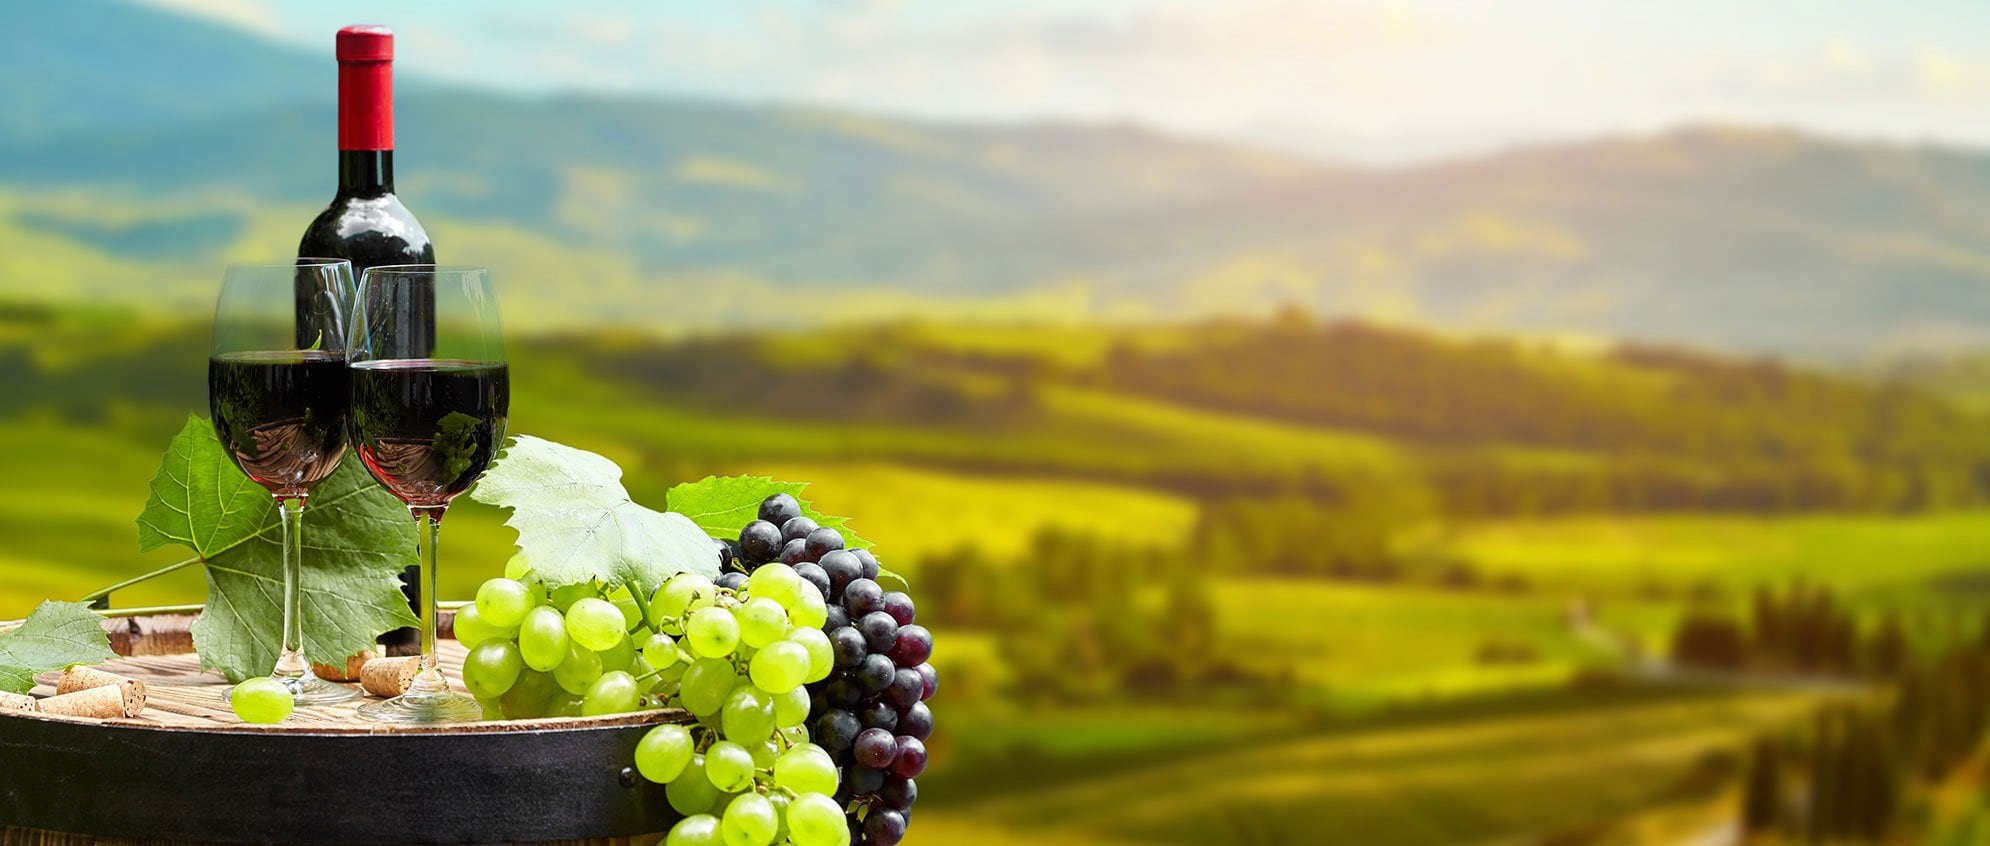 Geçmişten Günümüze: Şarap